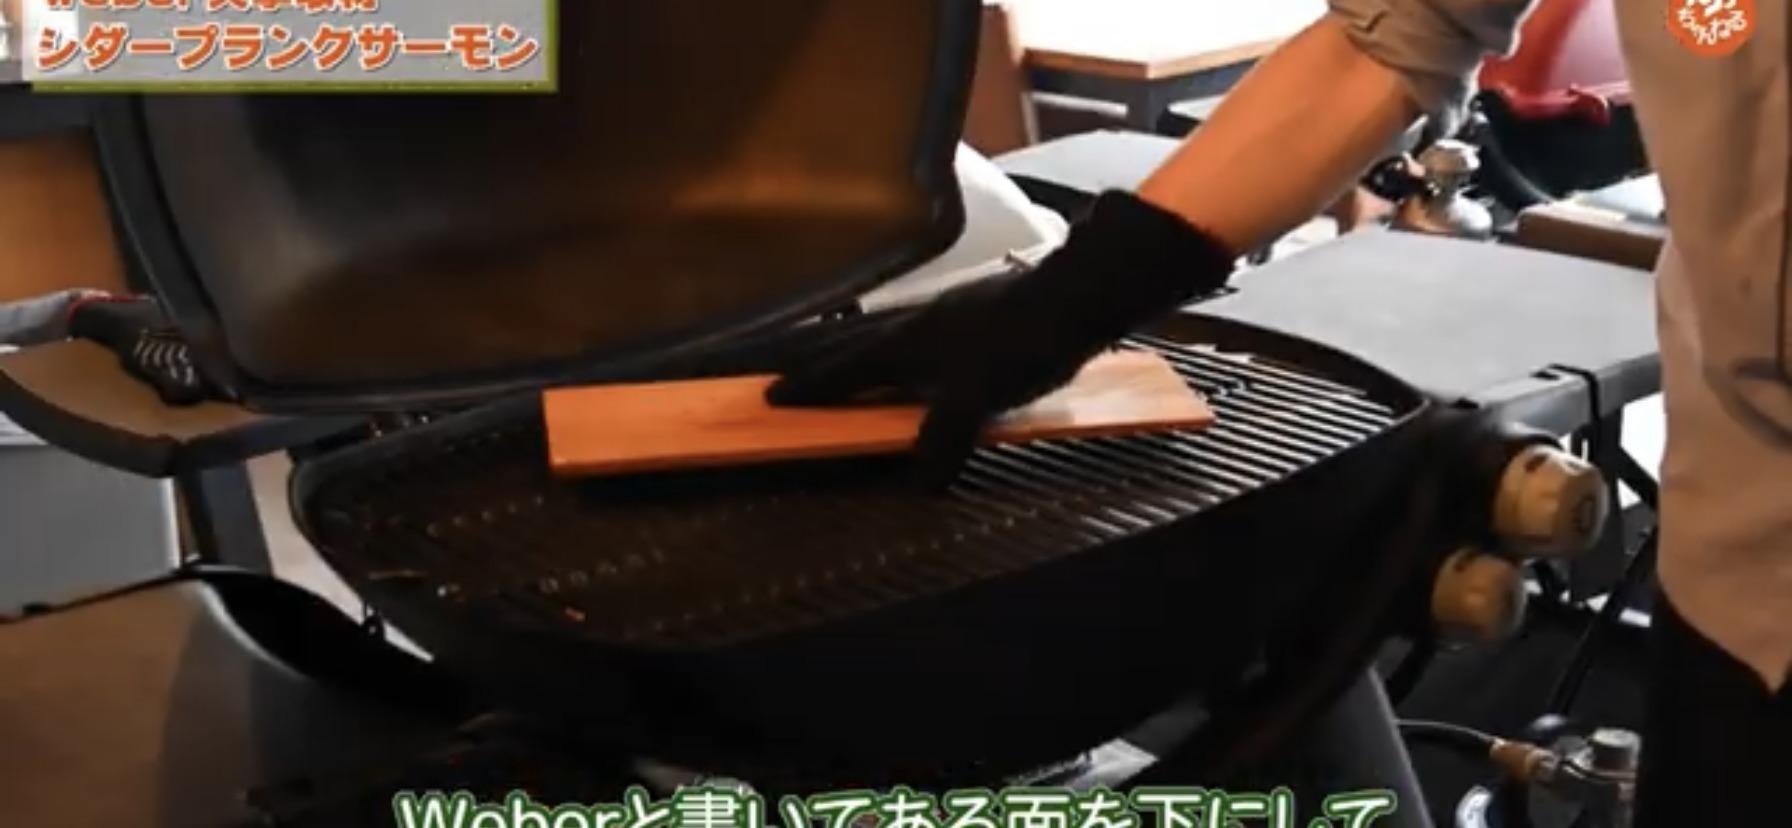 【BBQレシピ】シダープランクサーモン グリル